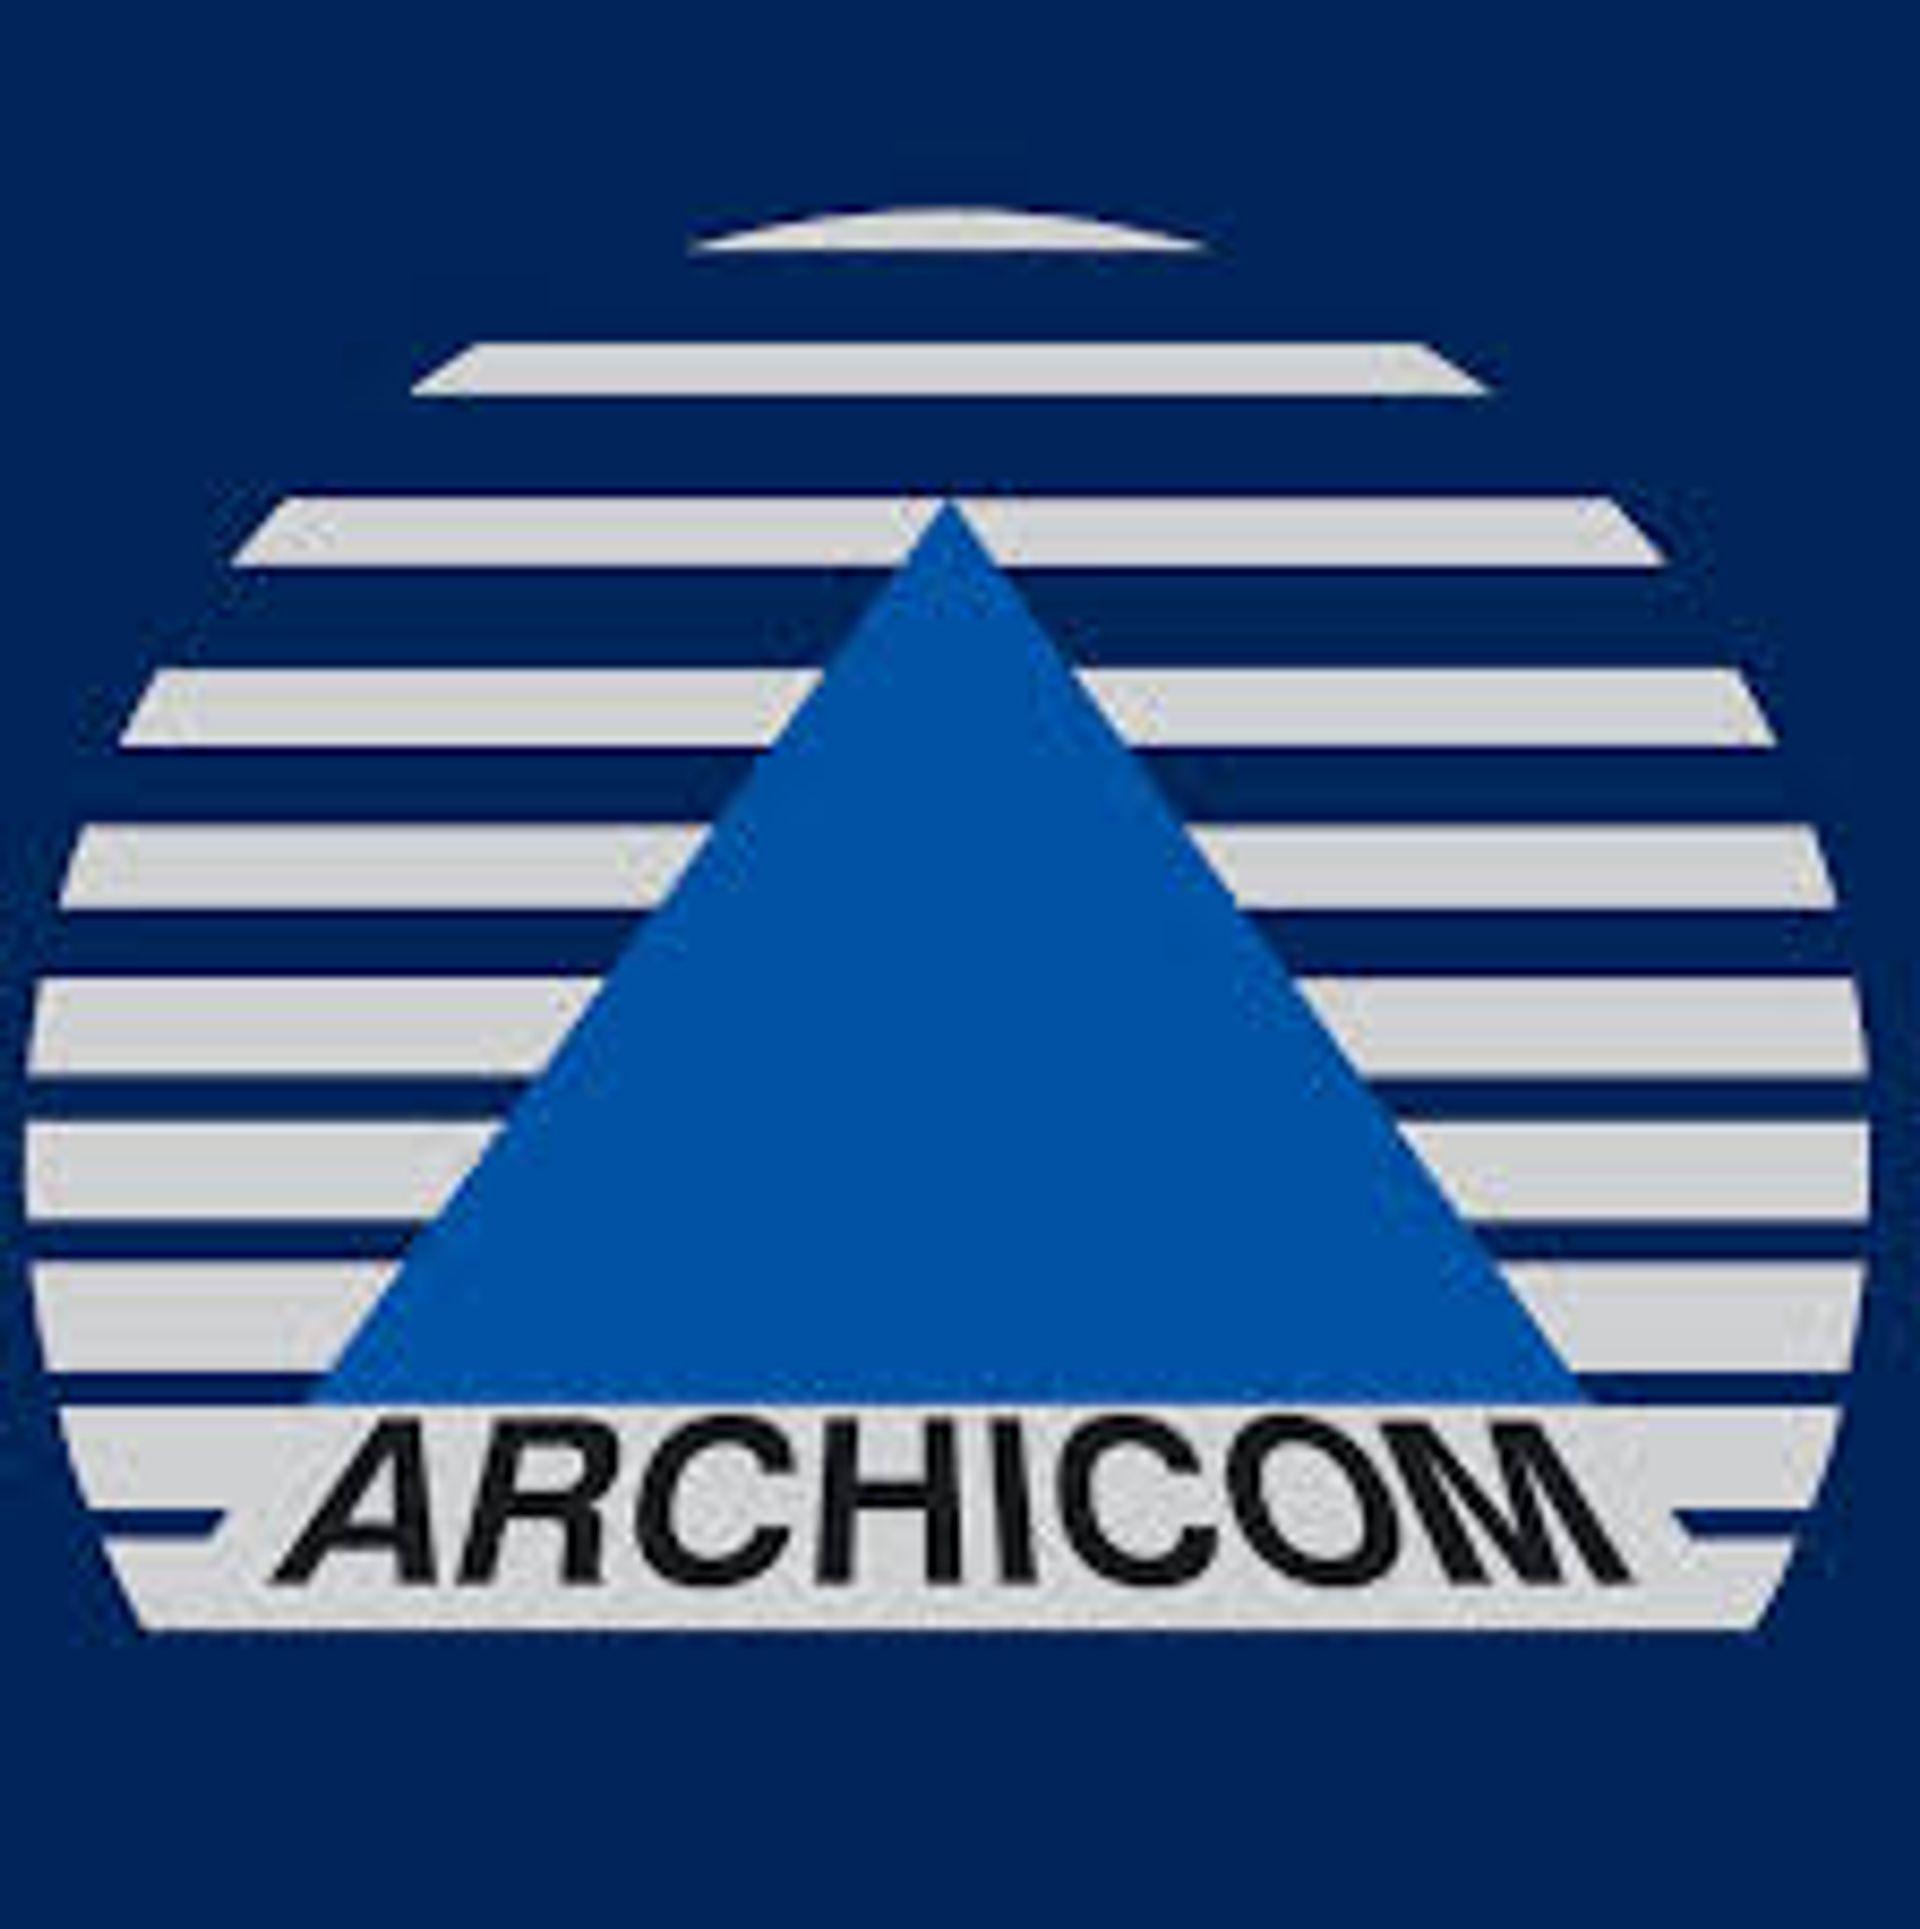 [Wrocław] Archicom zadba o wykończenie mieszkania. Oszczędź czas, nerwy i pieniądze